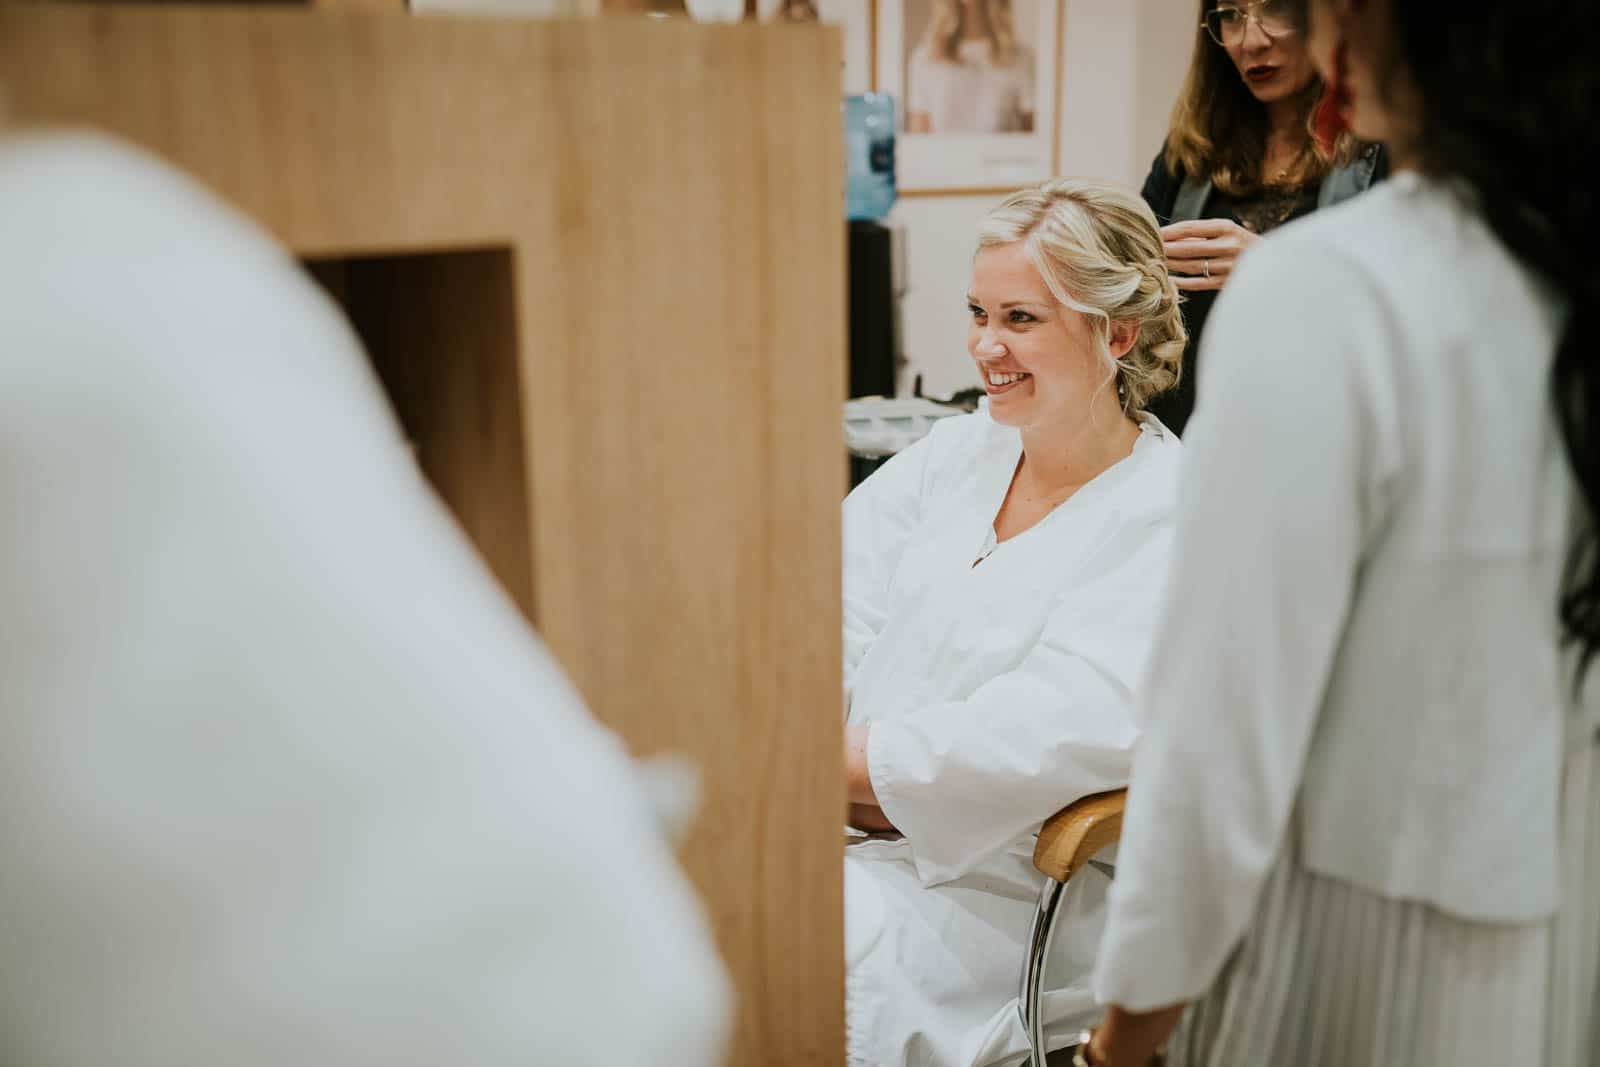 Chez le coiffeur - photographe de mariage.